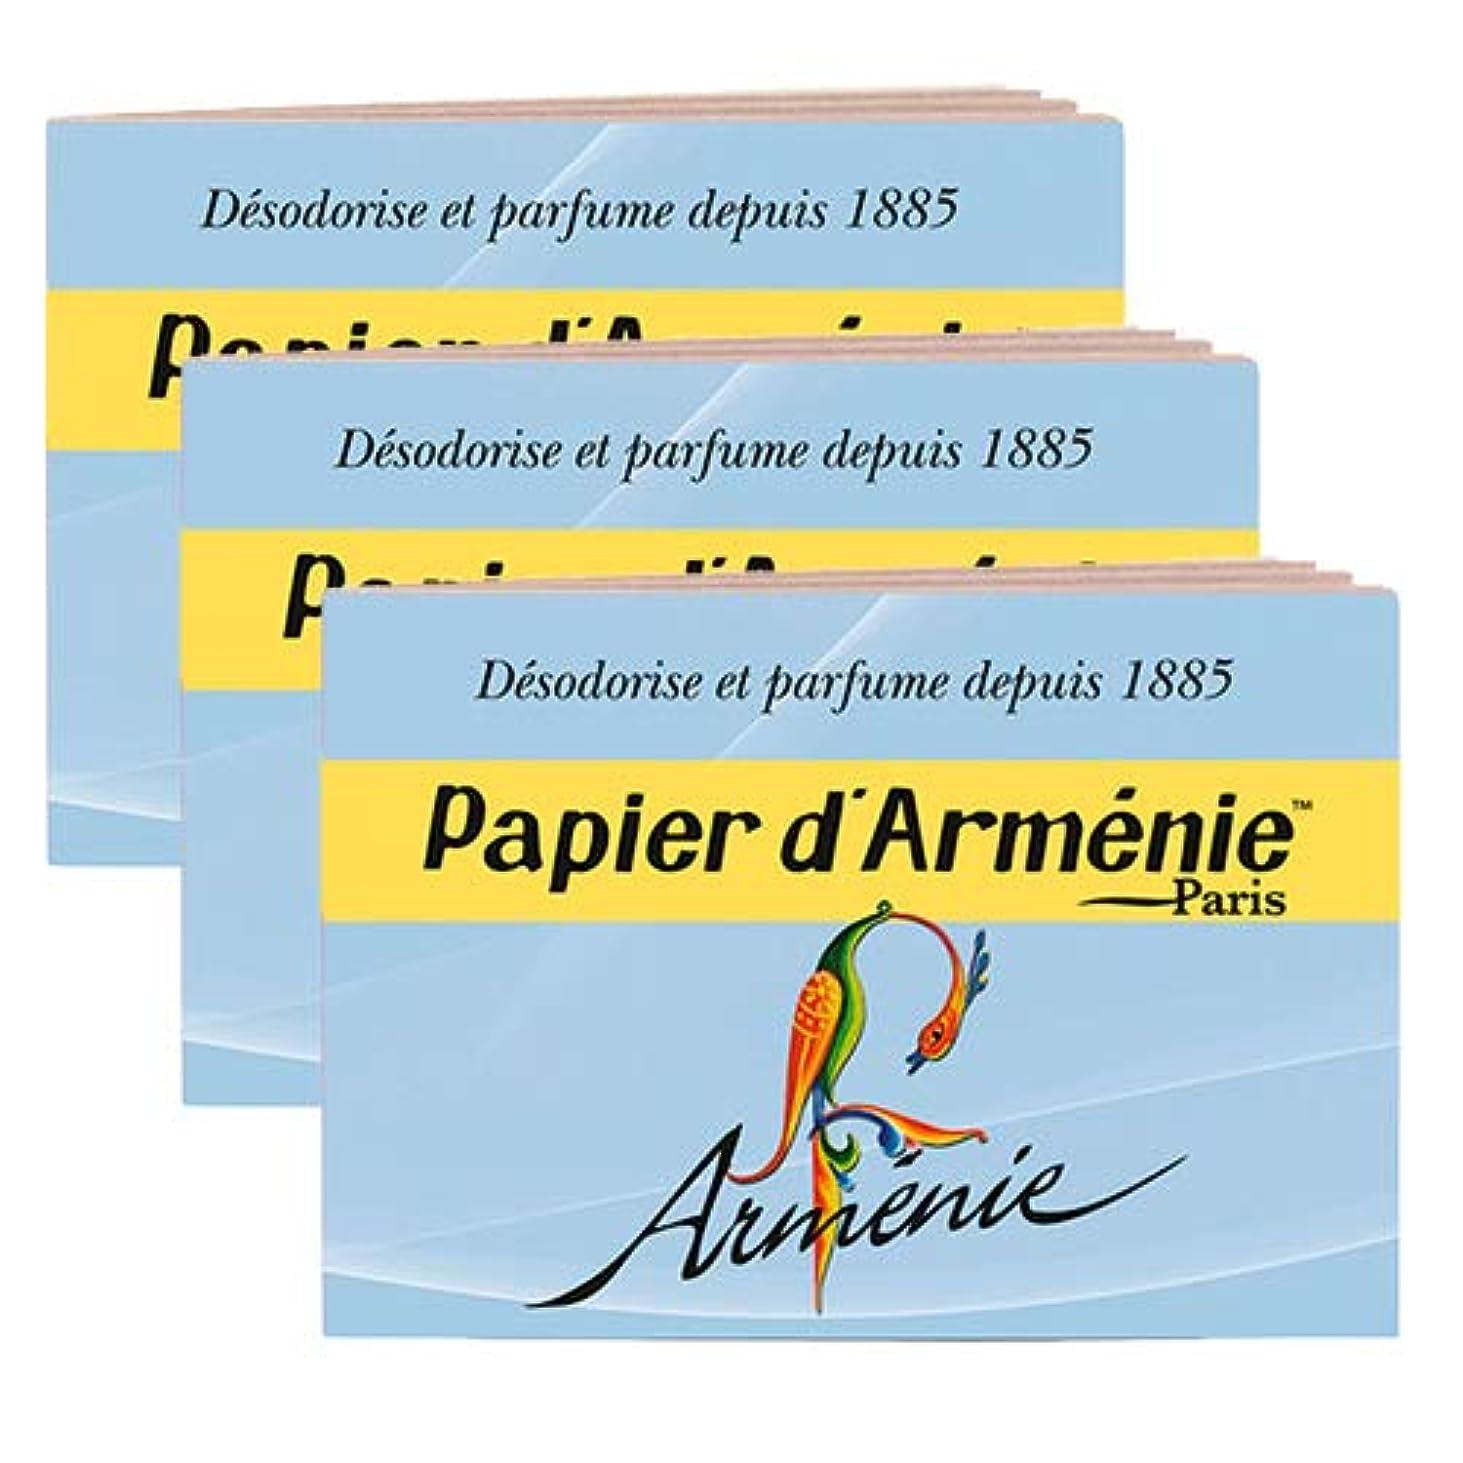 温度計ステージ貫通【パピエダルメニイ】トリプル 3×12枚(36回分) 3個セット アルメニイ 紙のお香 インセンス アロマペーパー PAPIER D'ARMENIE [並行輸入品]